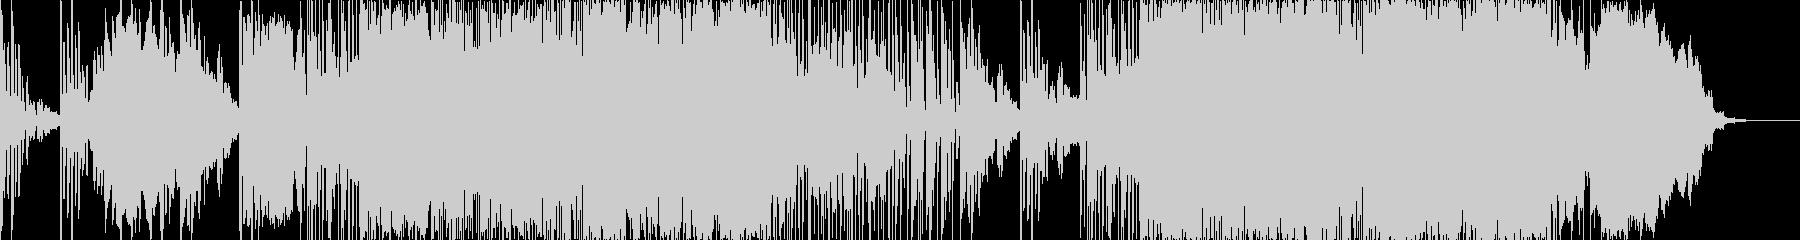 エレクトロニック 技術的な 静か ...の未再生の波形